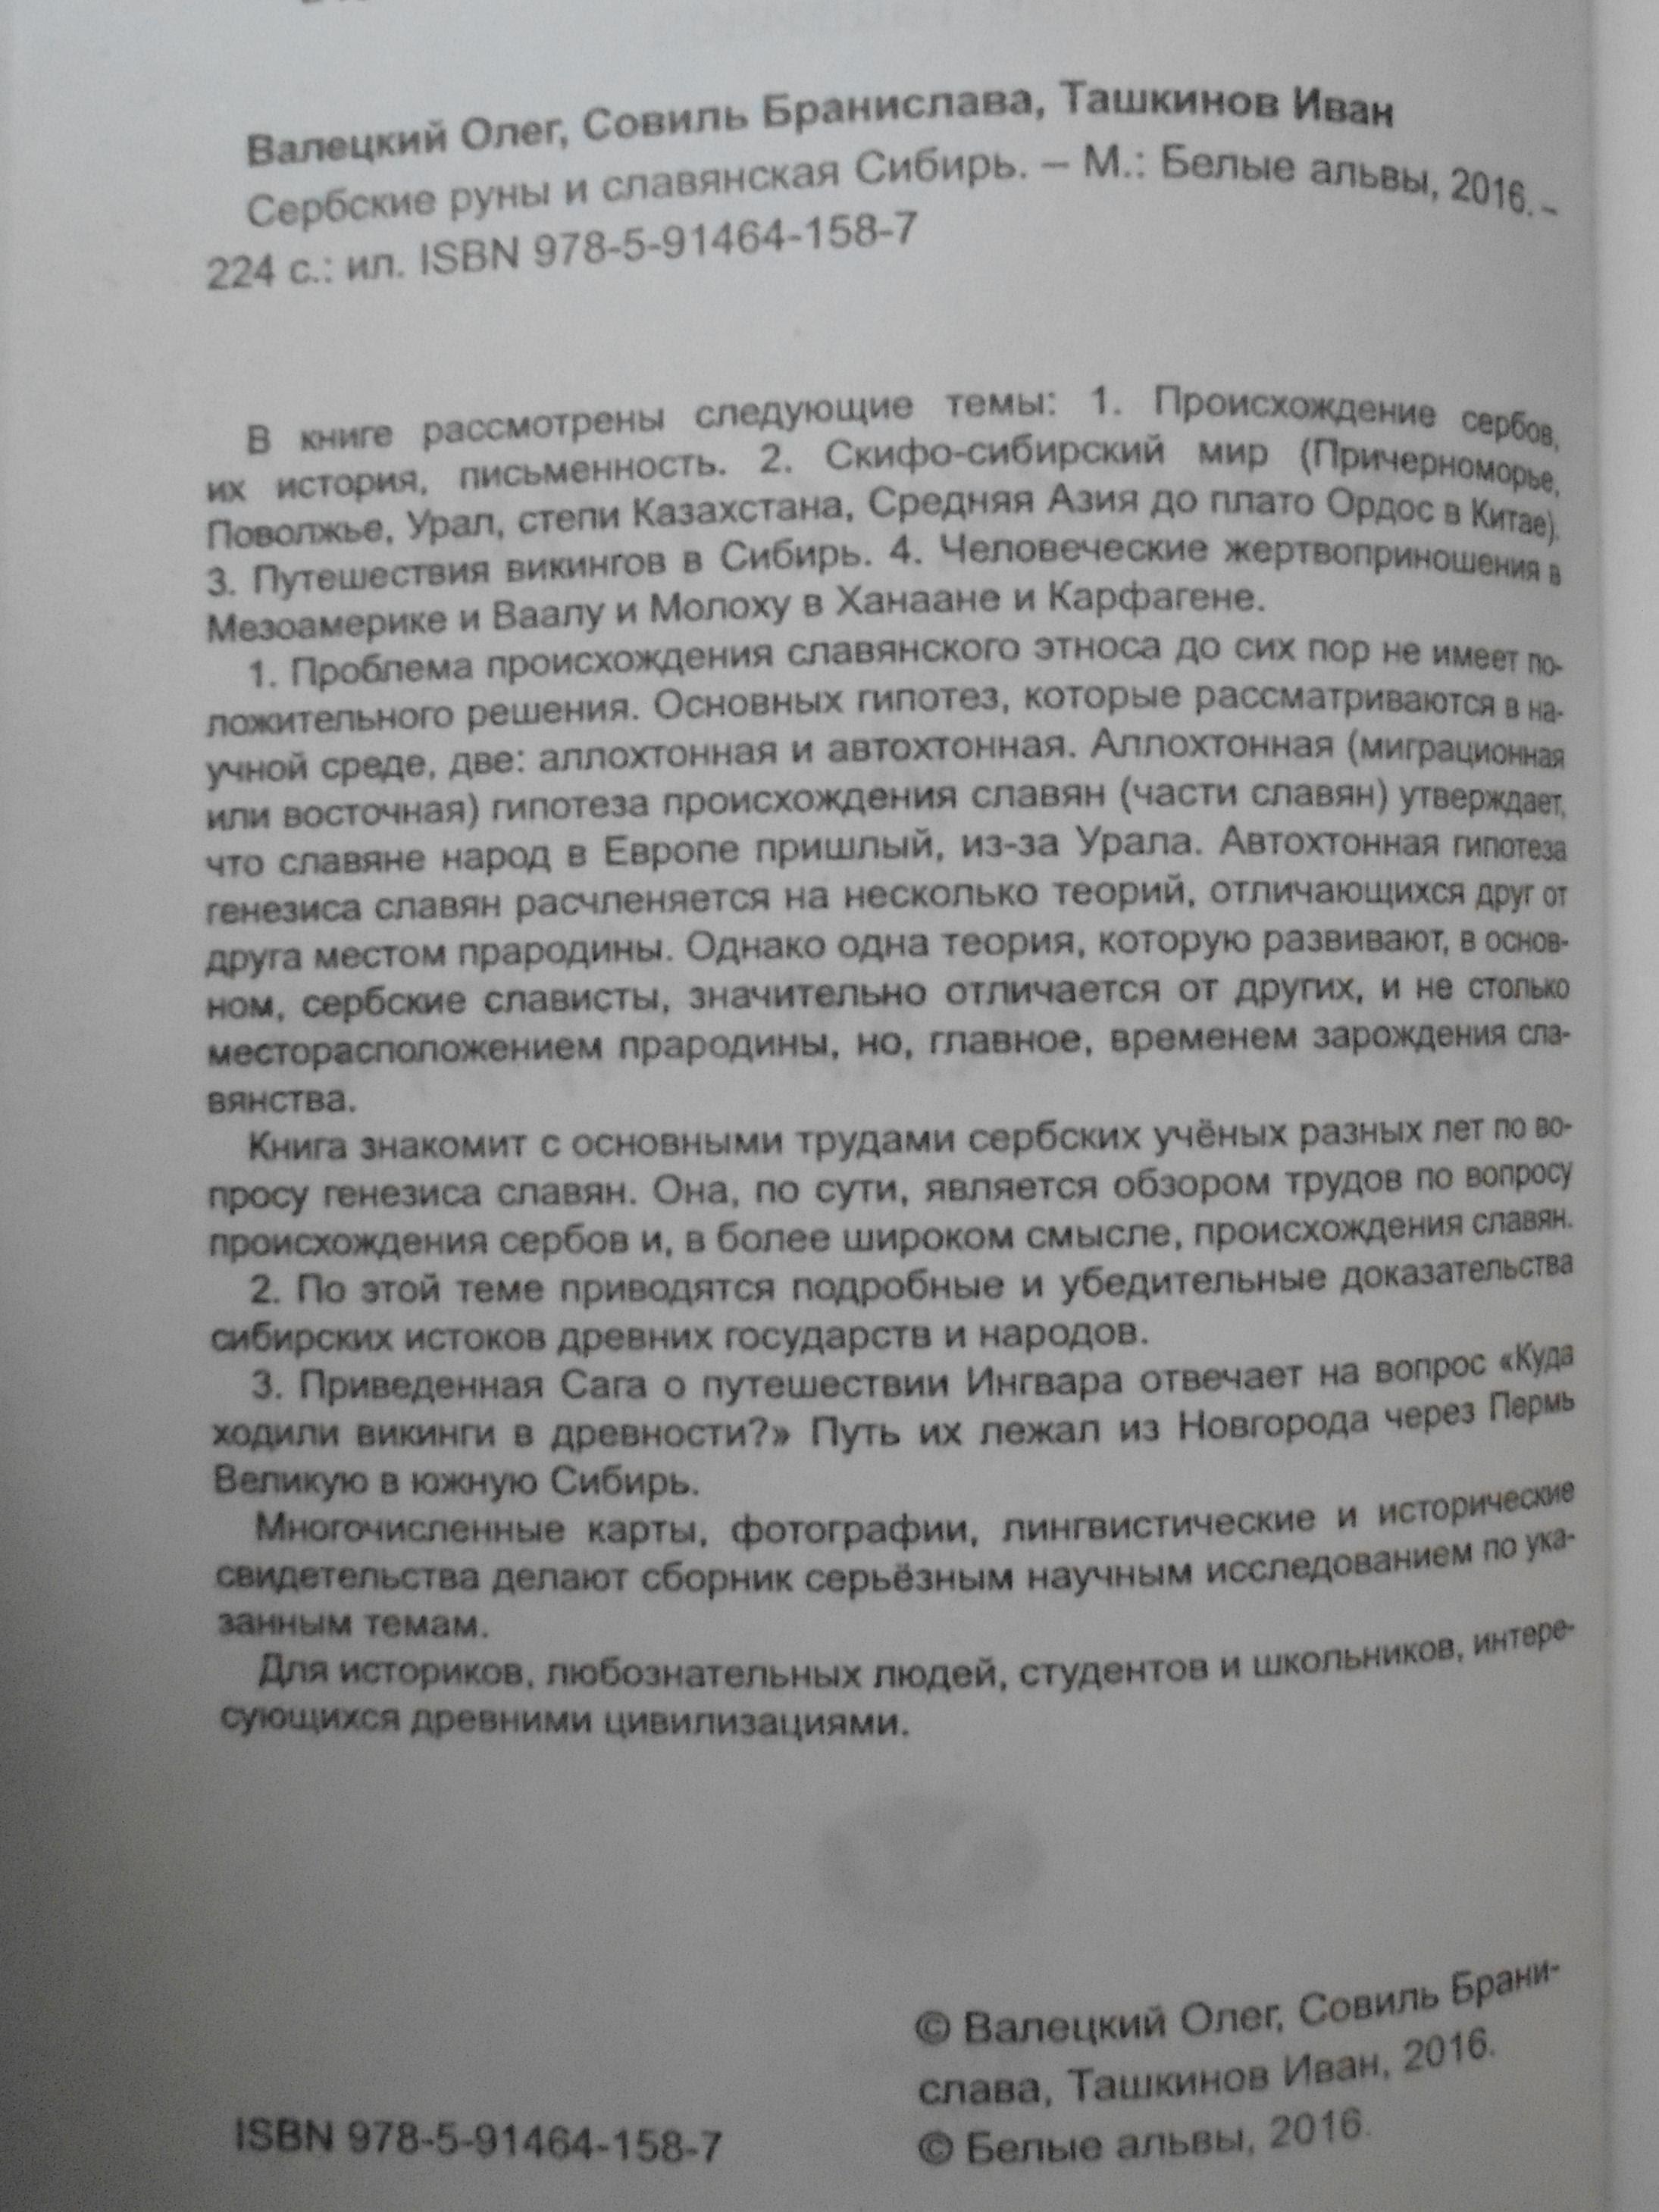 Serbskaja runa 4